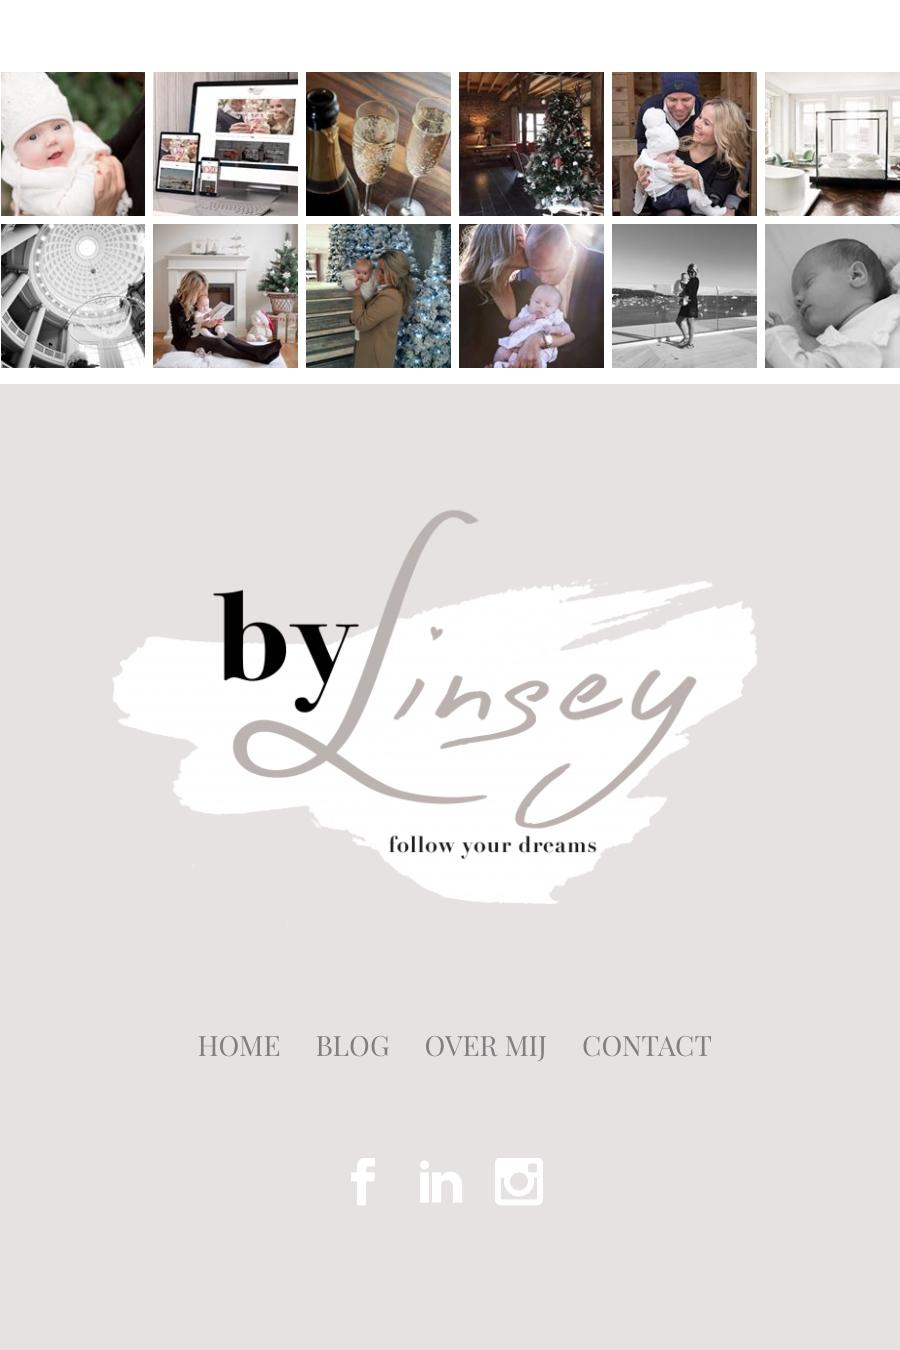 ByLinsey.nl